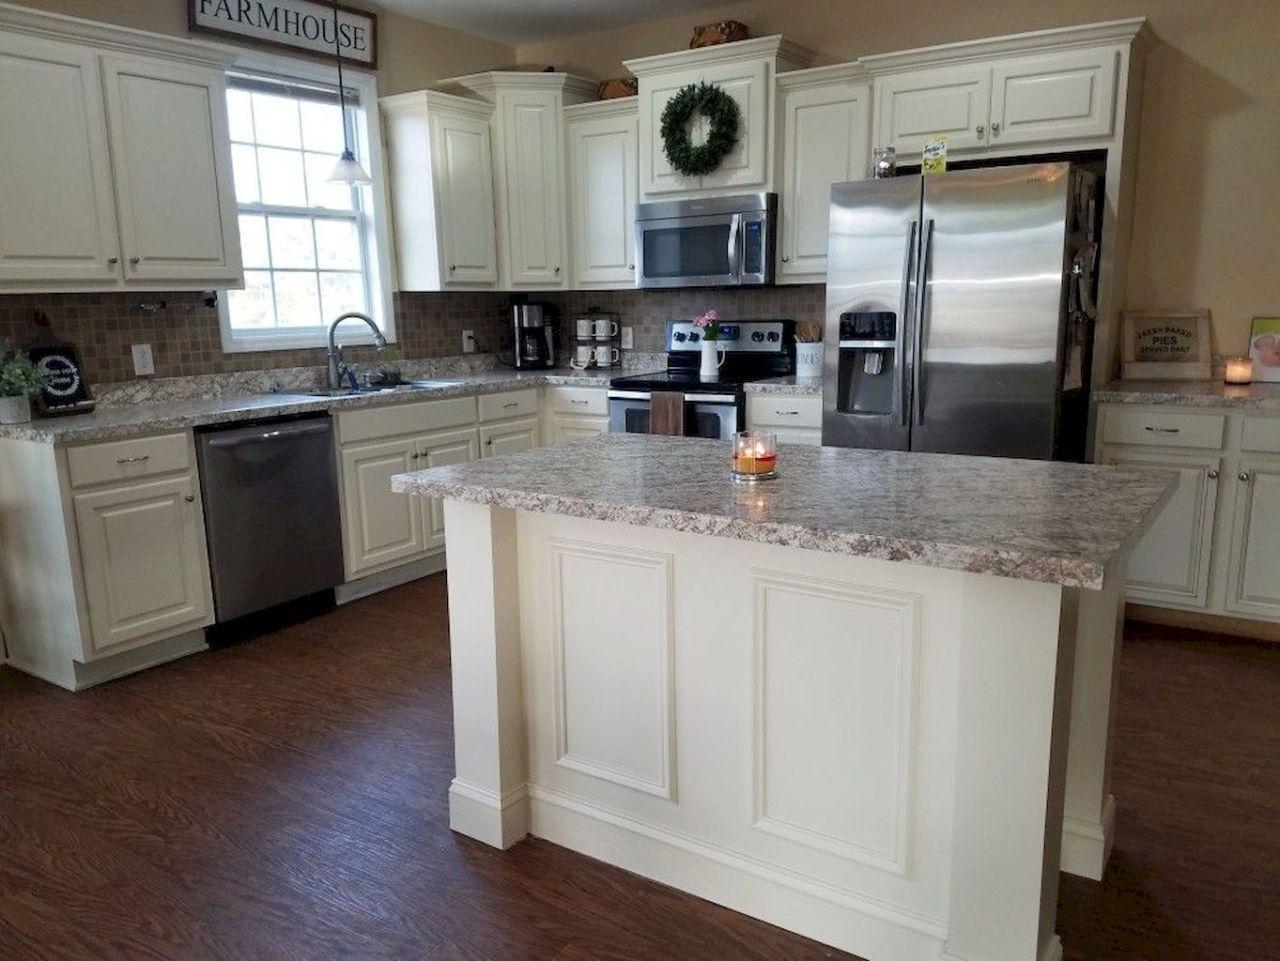 Best Off White Kitchen Cabinets Design Ideas 42 Kitchen Cabinet Design Off White Kitchens Off White Kitchen Cabinets